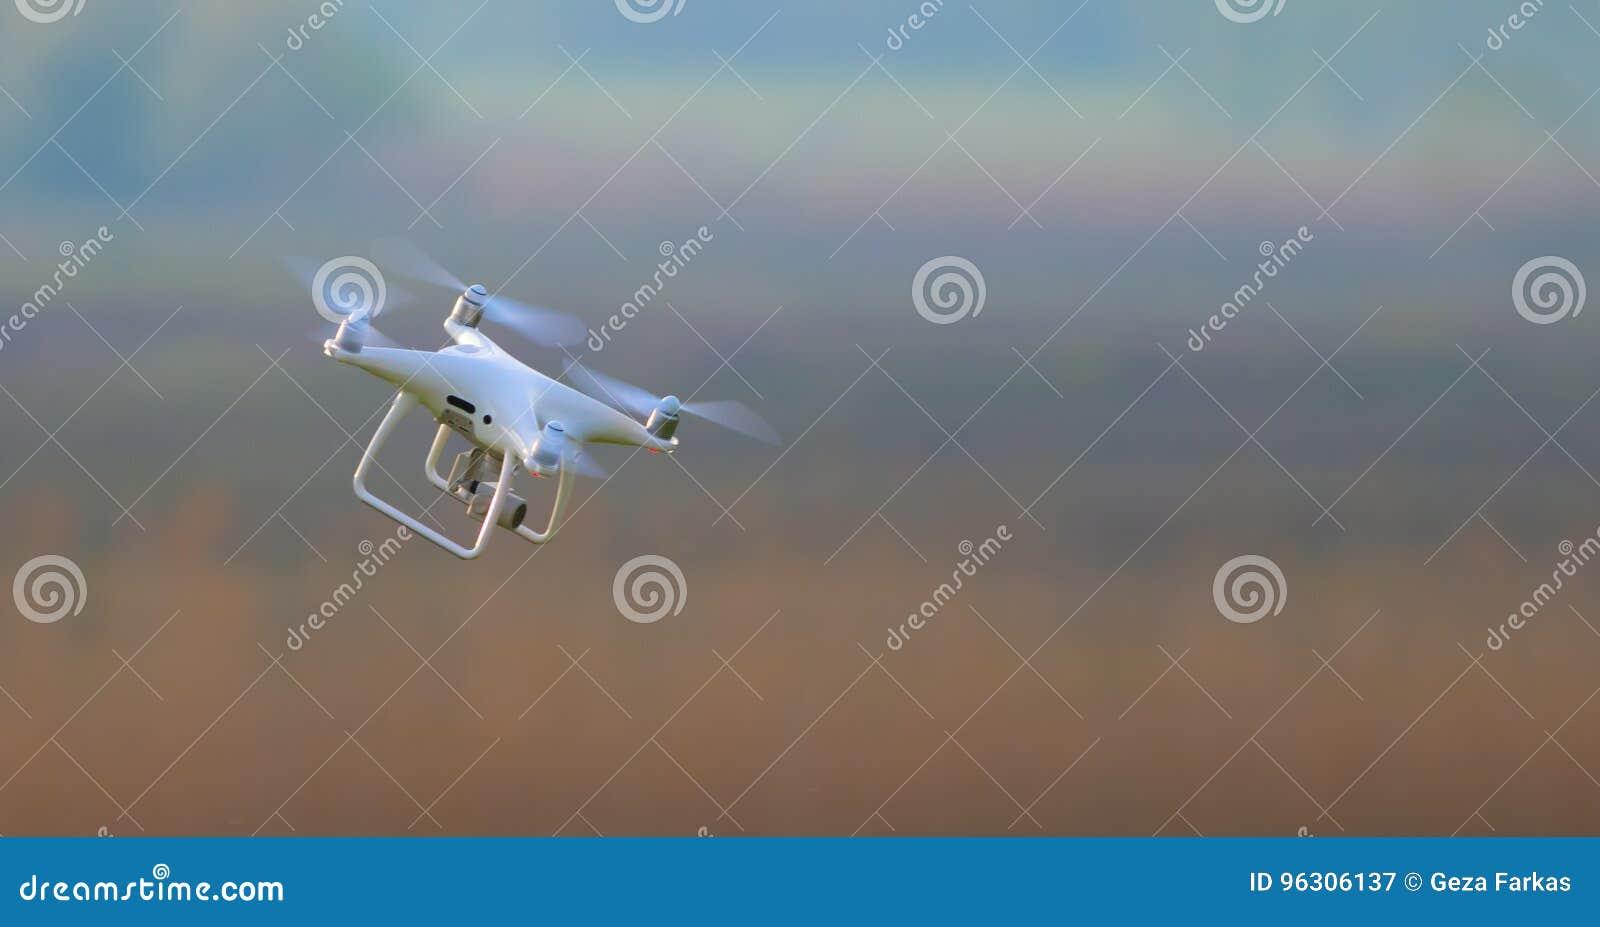 Weißes Brummen fliegt in volle Geschwindigkeit